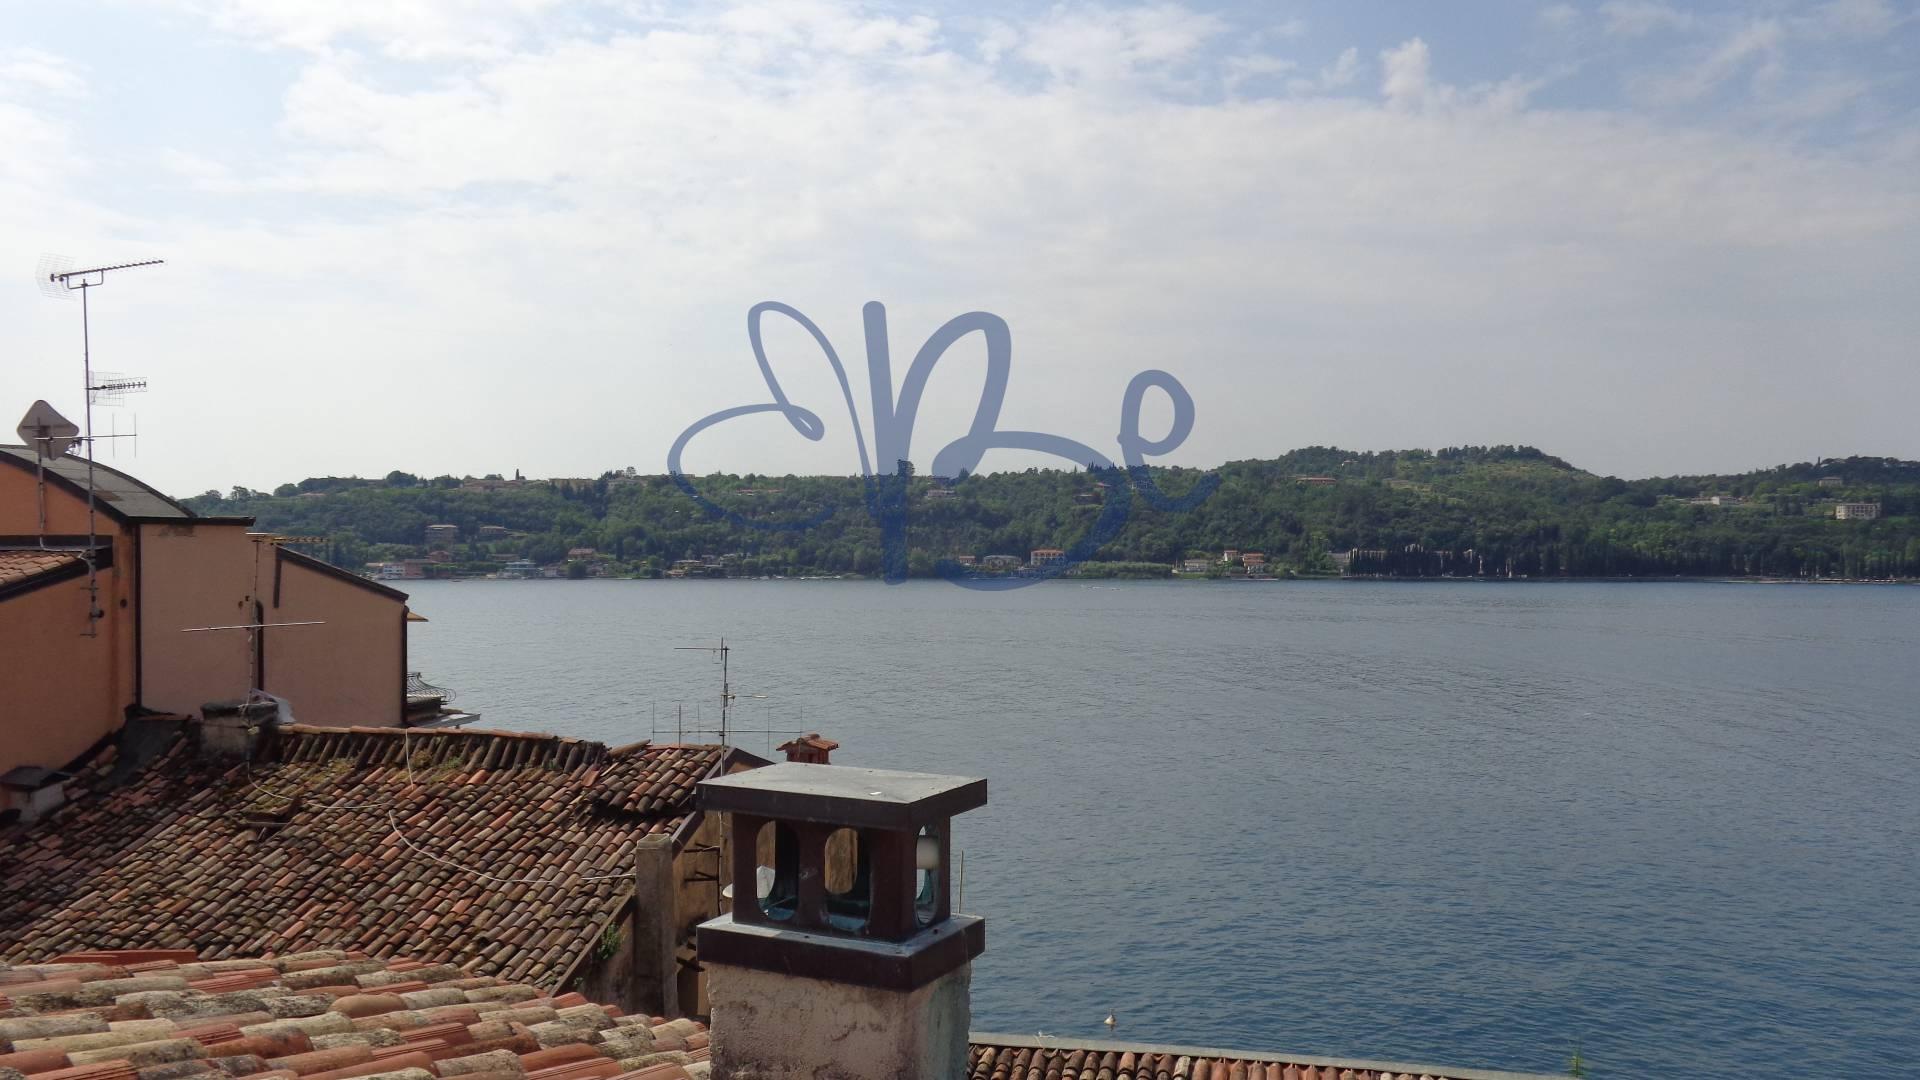 Attico / Mansarda in affitto a Salò, 4 locali, zona Località: Salò-Centro, prezzo € 690 | Cambio Casa.it